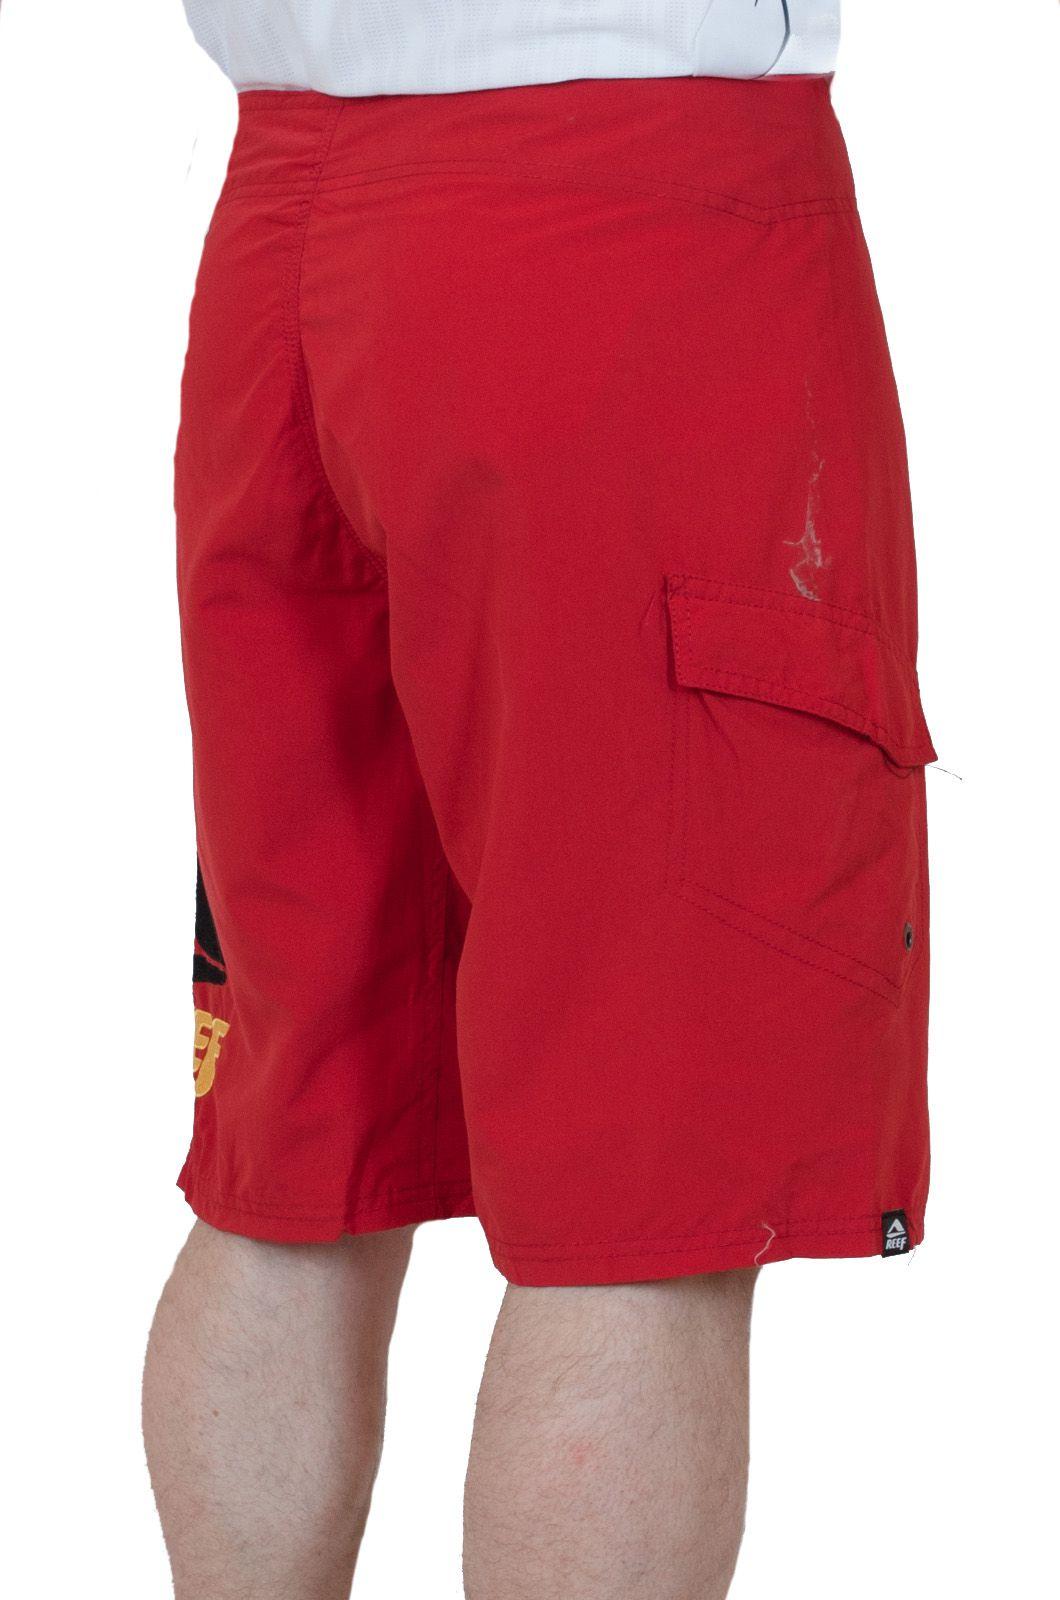 Стильные мужские шорты Reef - вид сзади